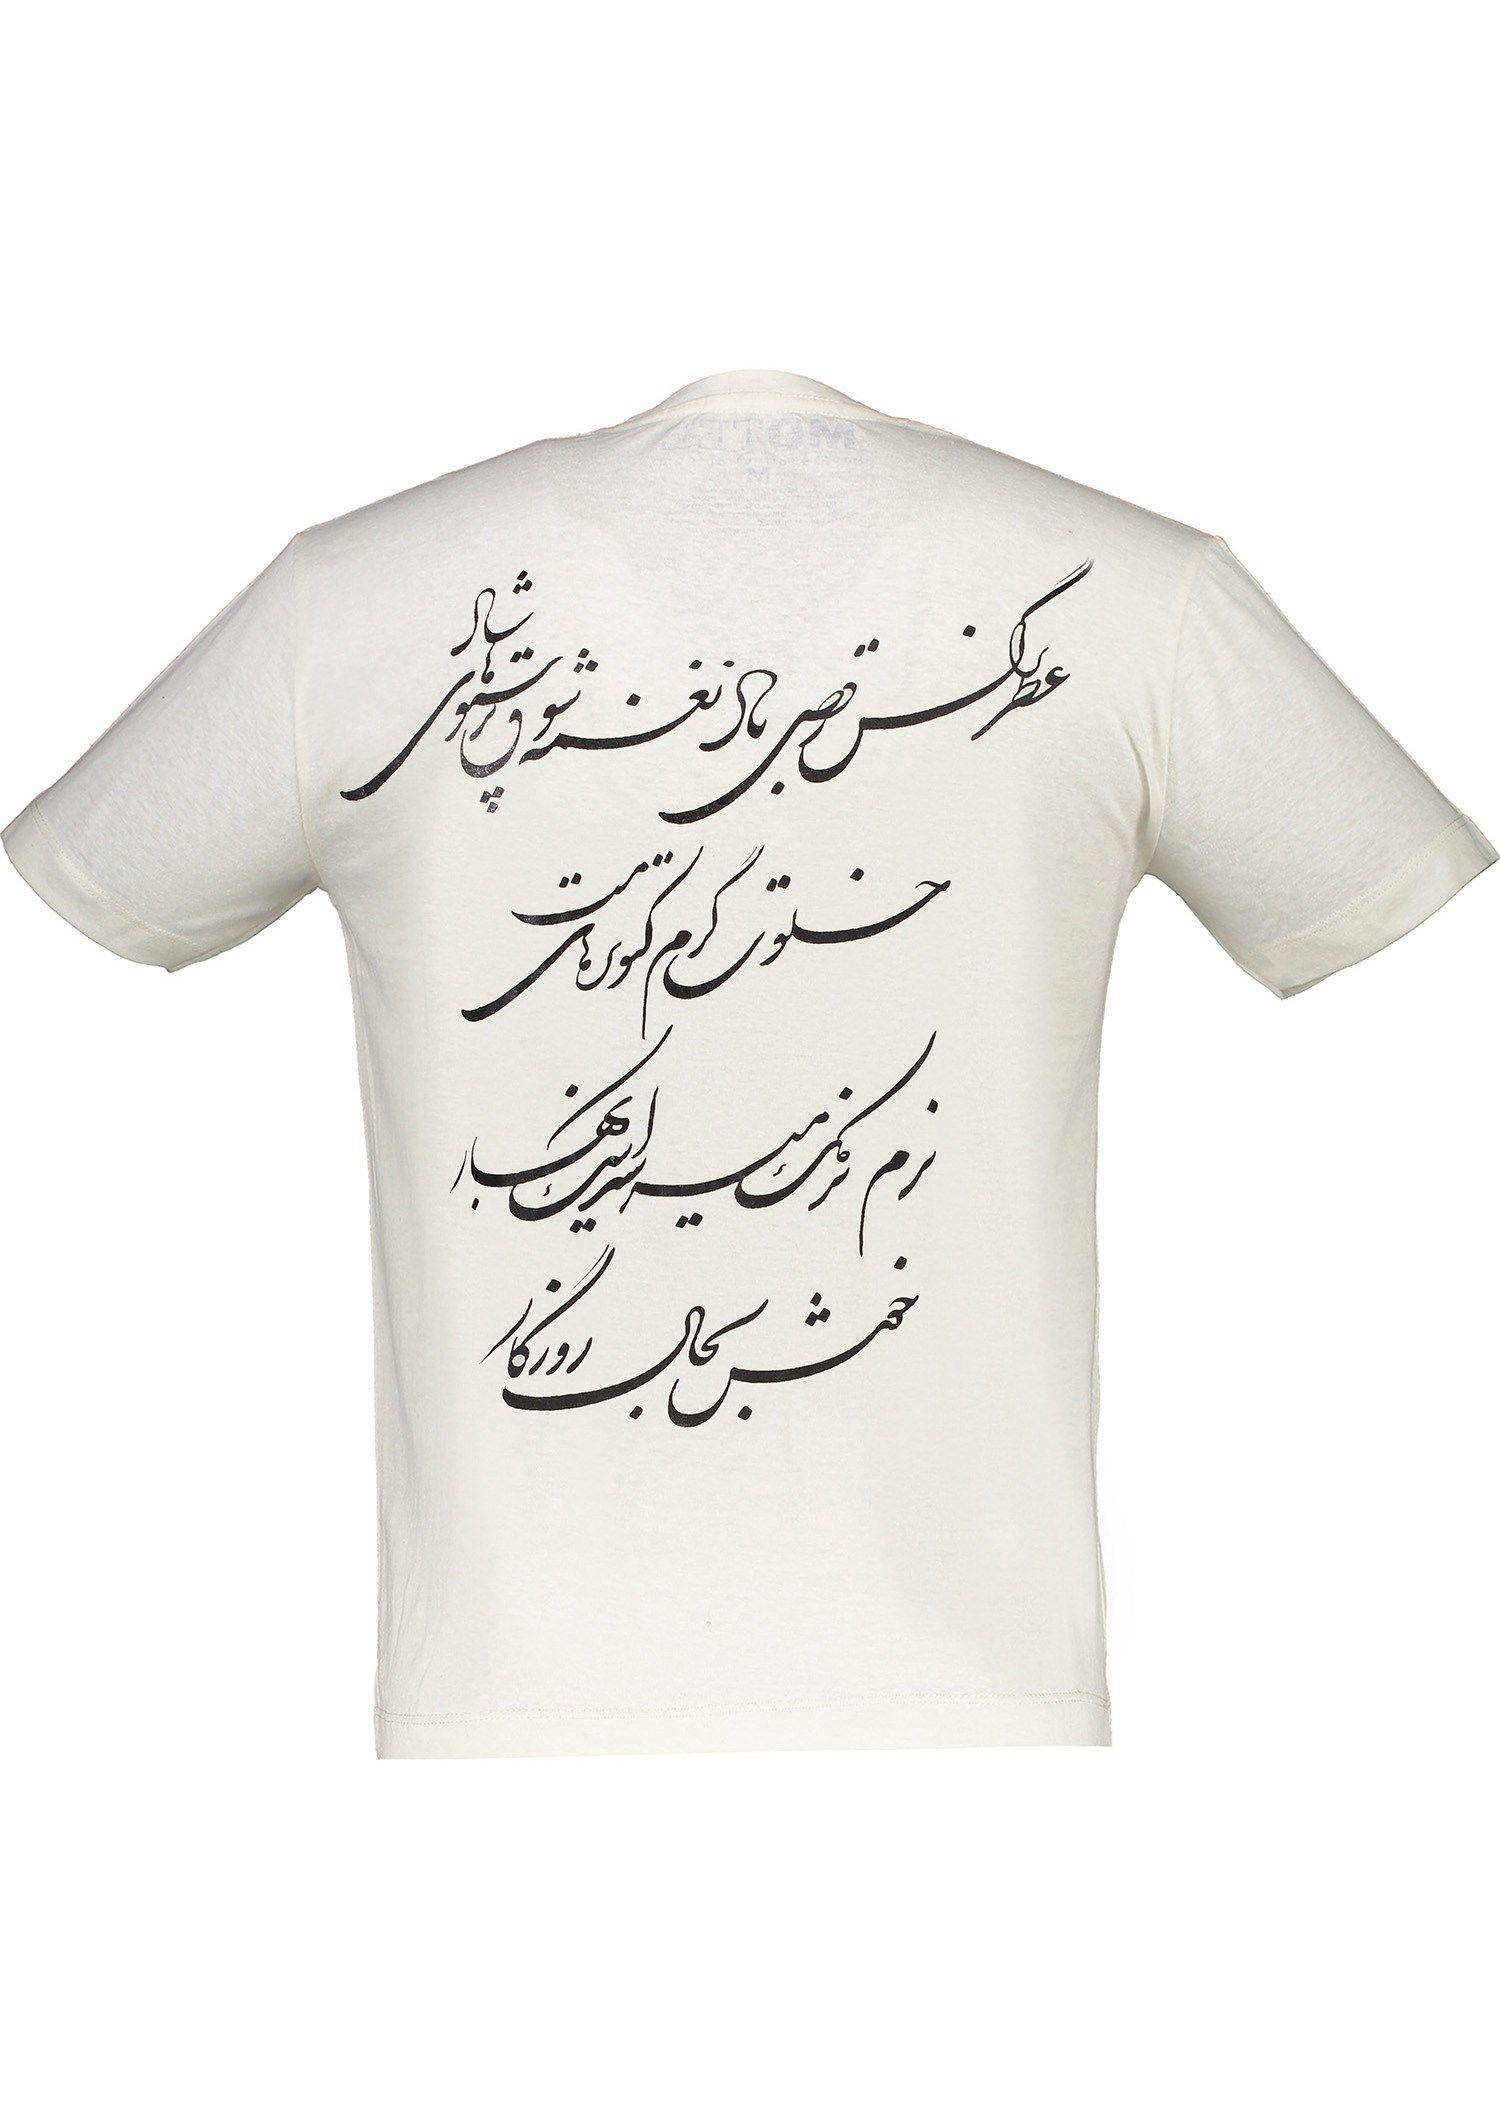 تی شرت یقه گرد مردانه - متی - سفيد وانيلي - 2